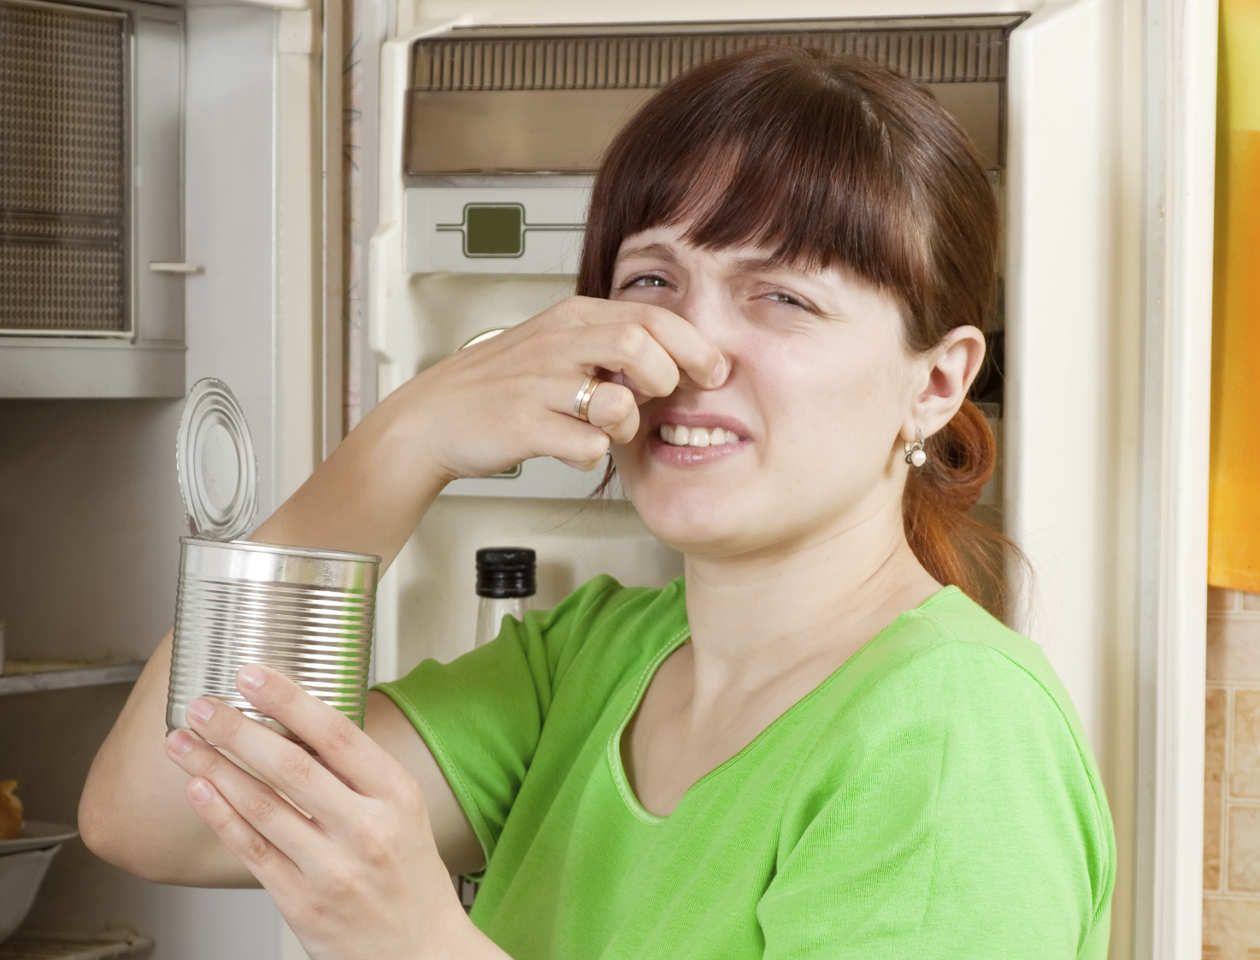 Cómo Quitar El Mal Olor Del Refrigerador Limpieza De Nevera Refrigerador Como Quitar